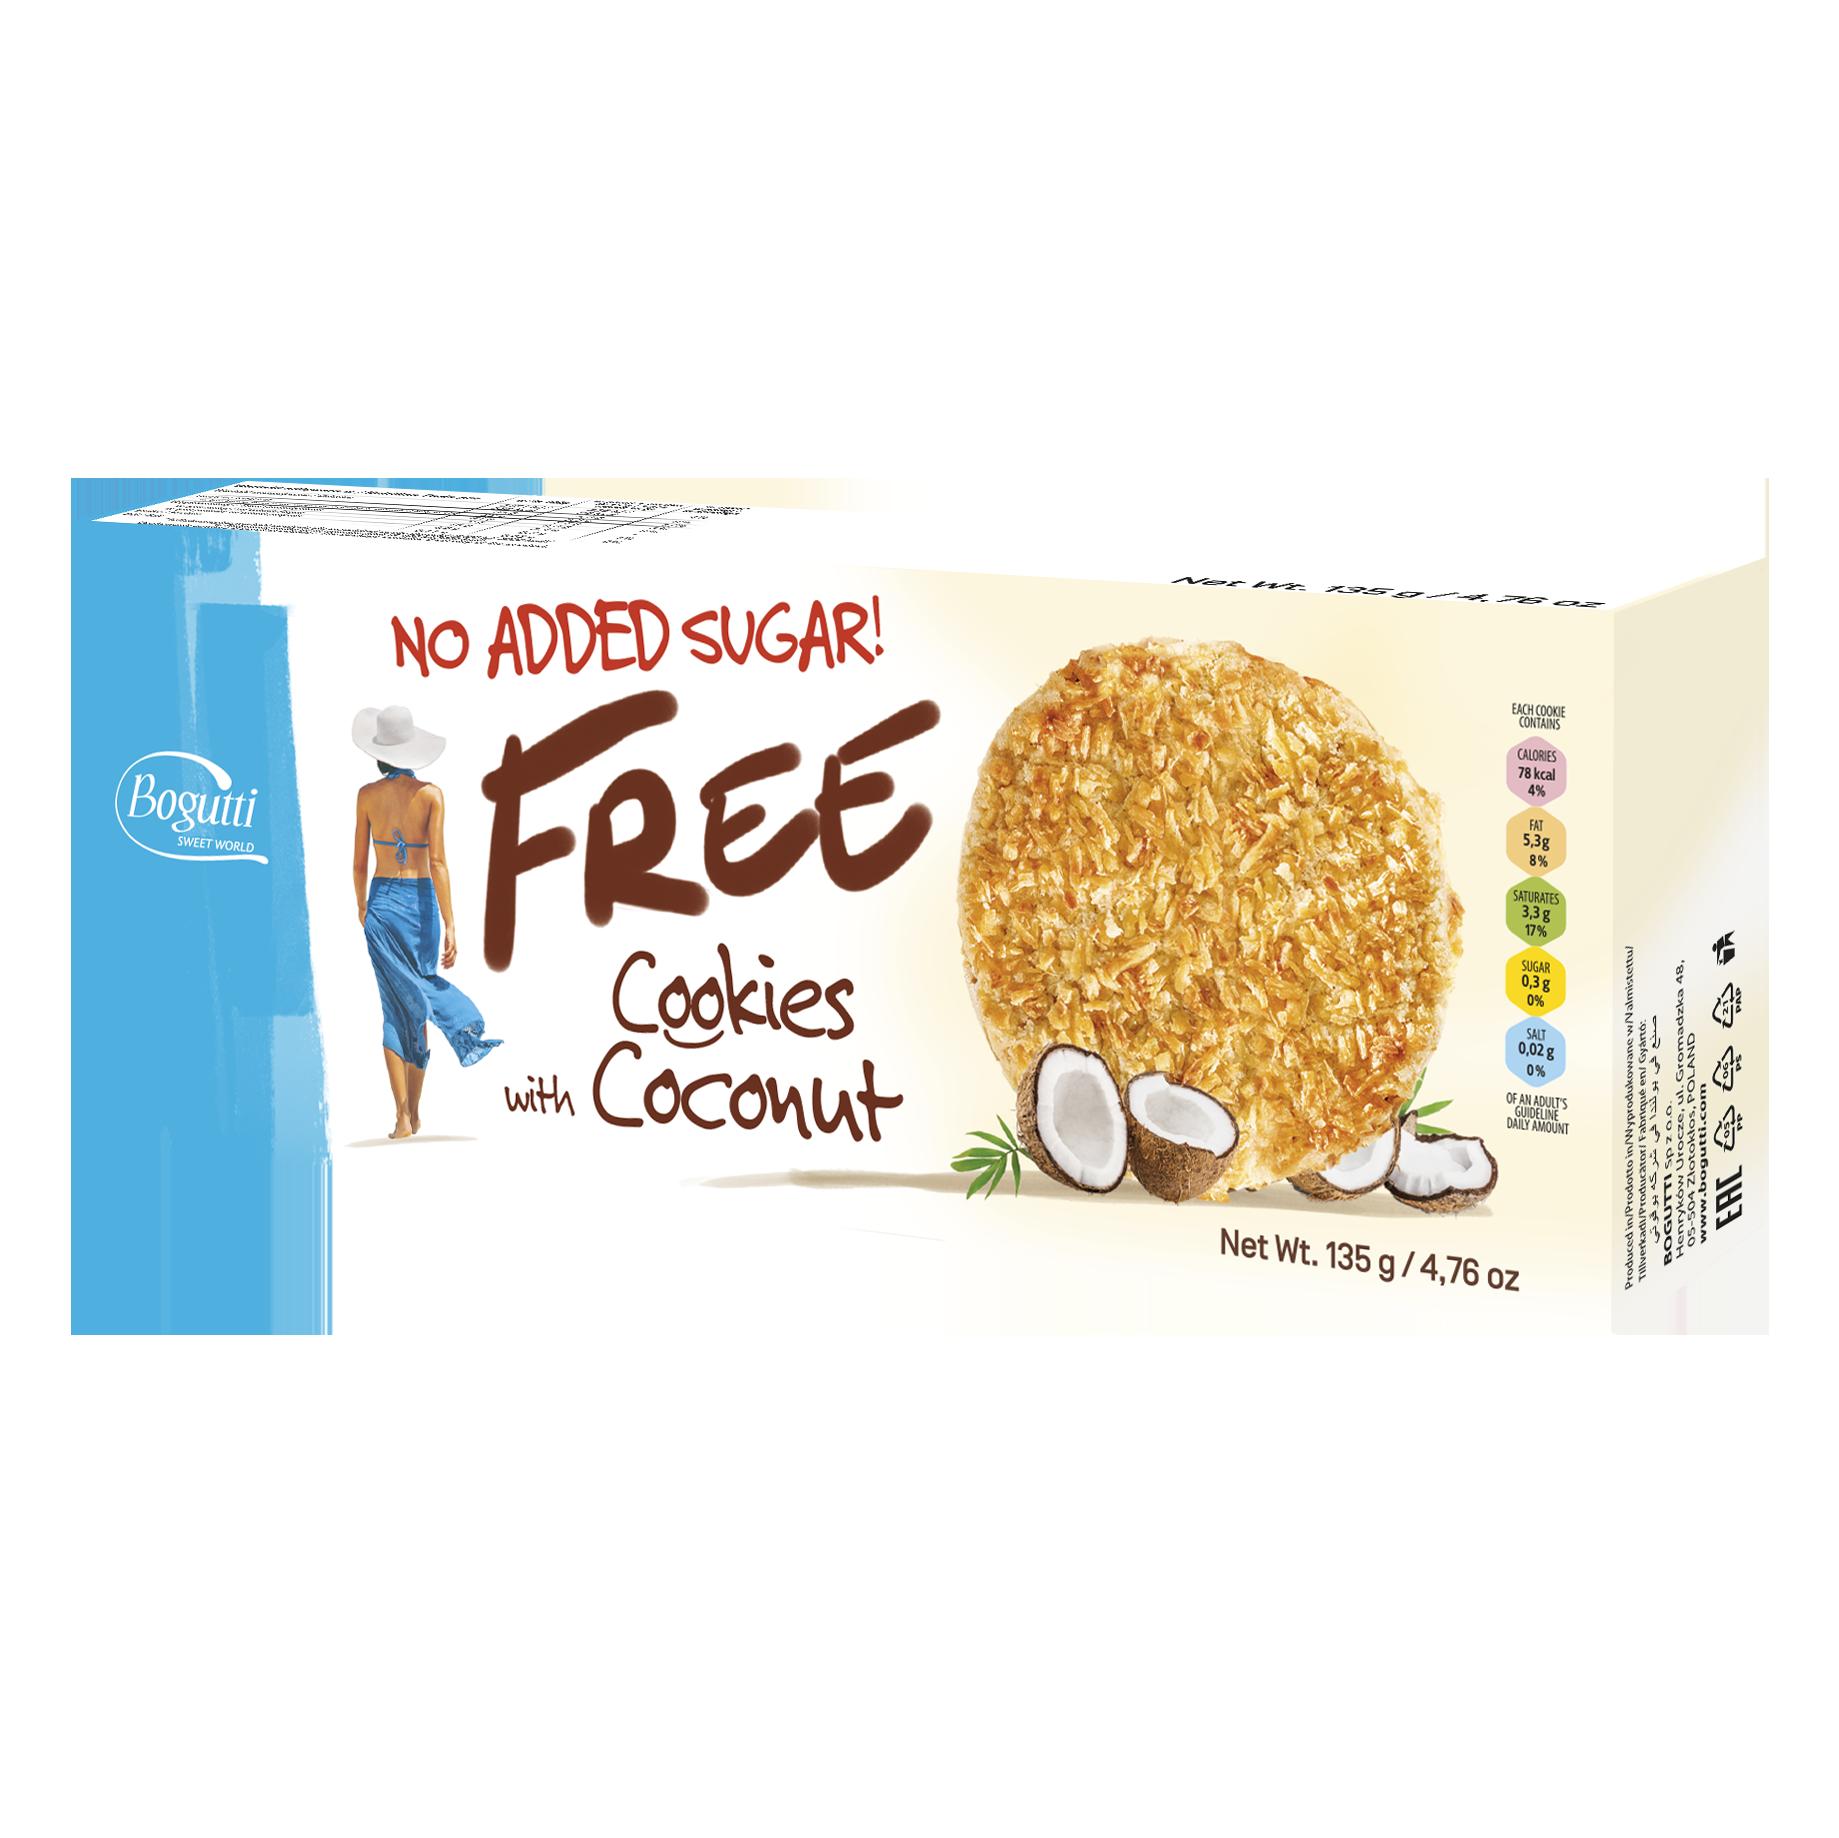 FREE – خالٍ من السكر المضاف كوكيز بجوز الهند